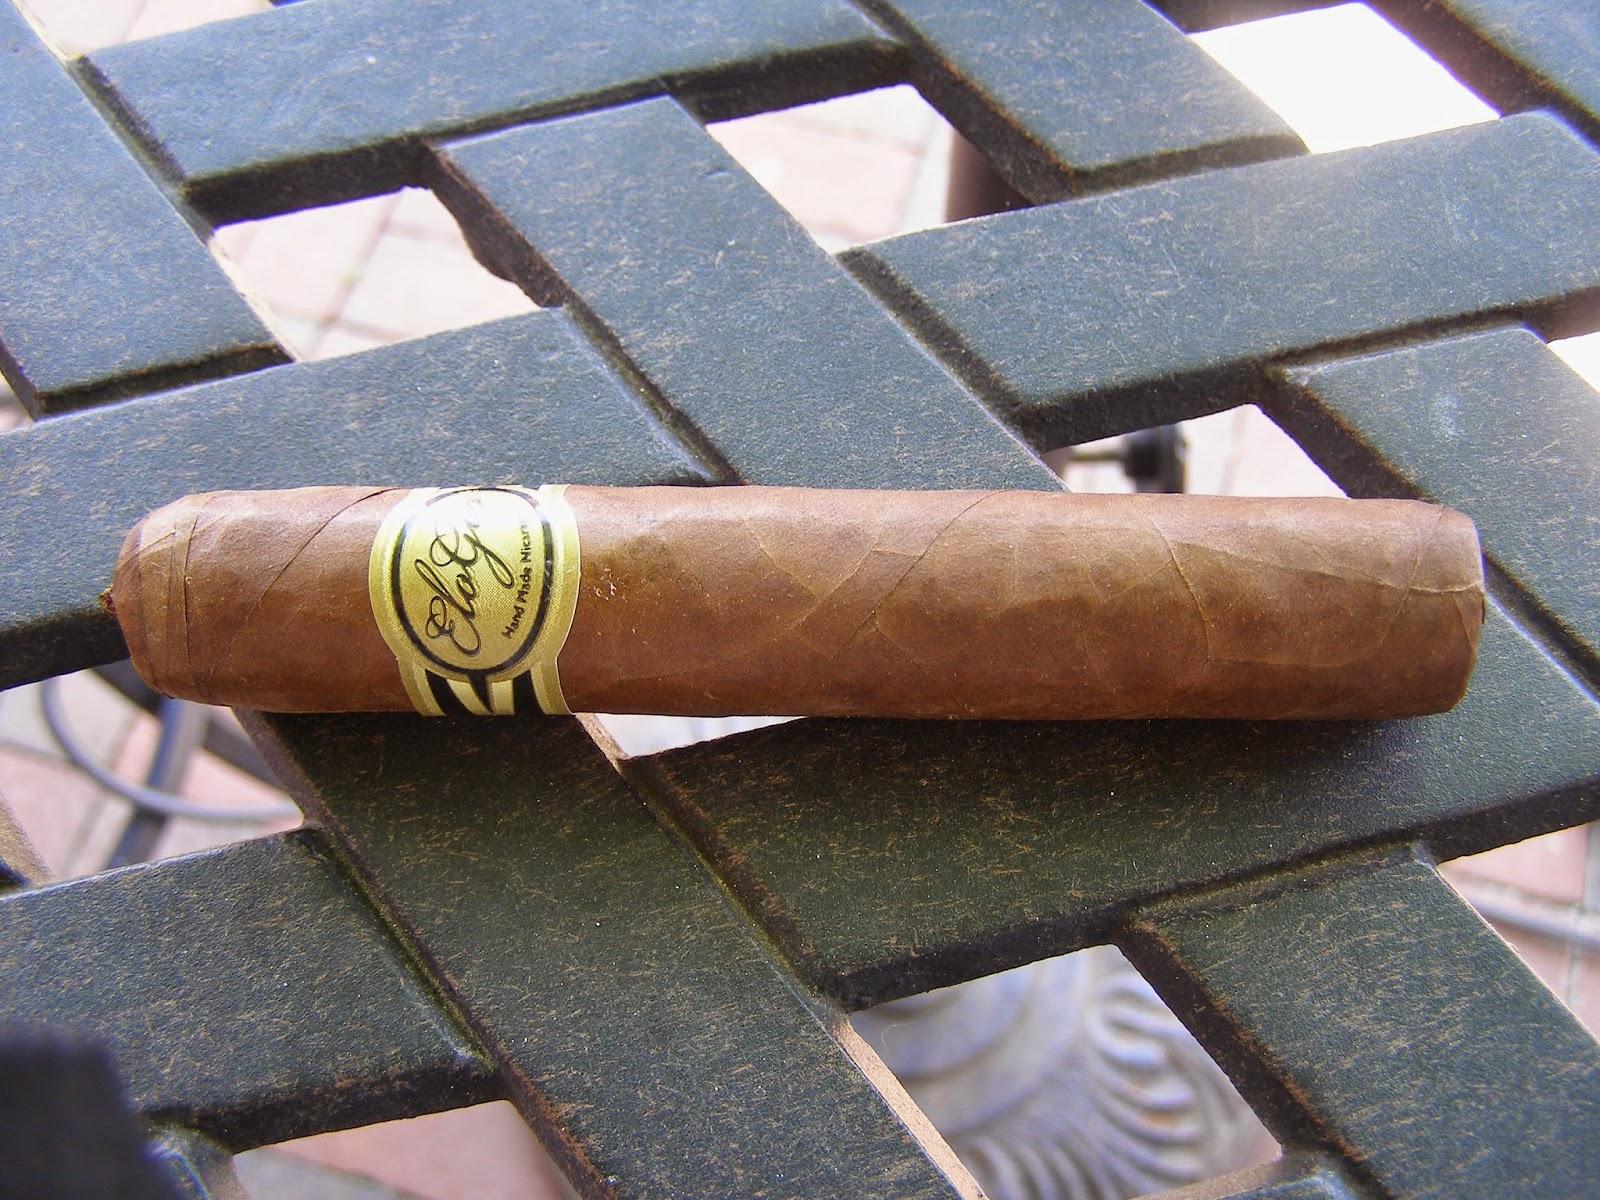 Cigar Review: Elogio Robusto Especial Limitada